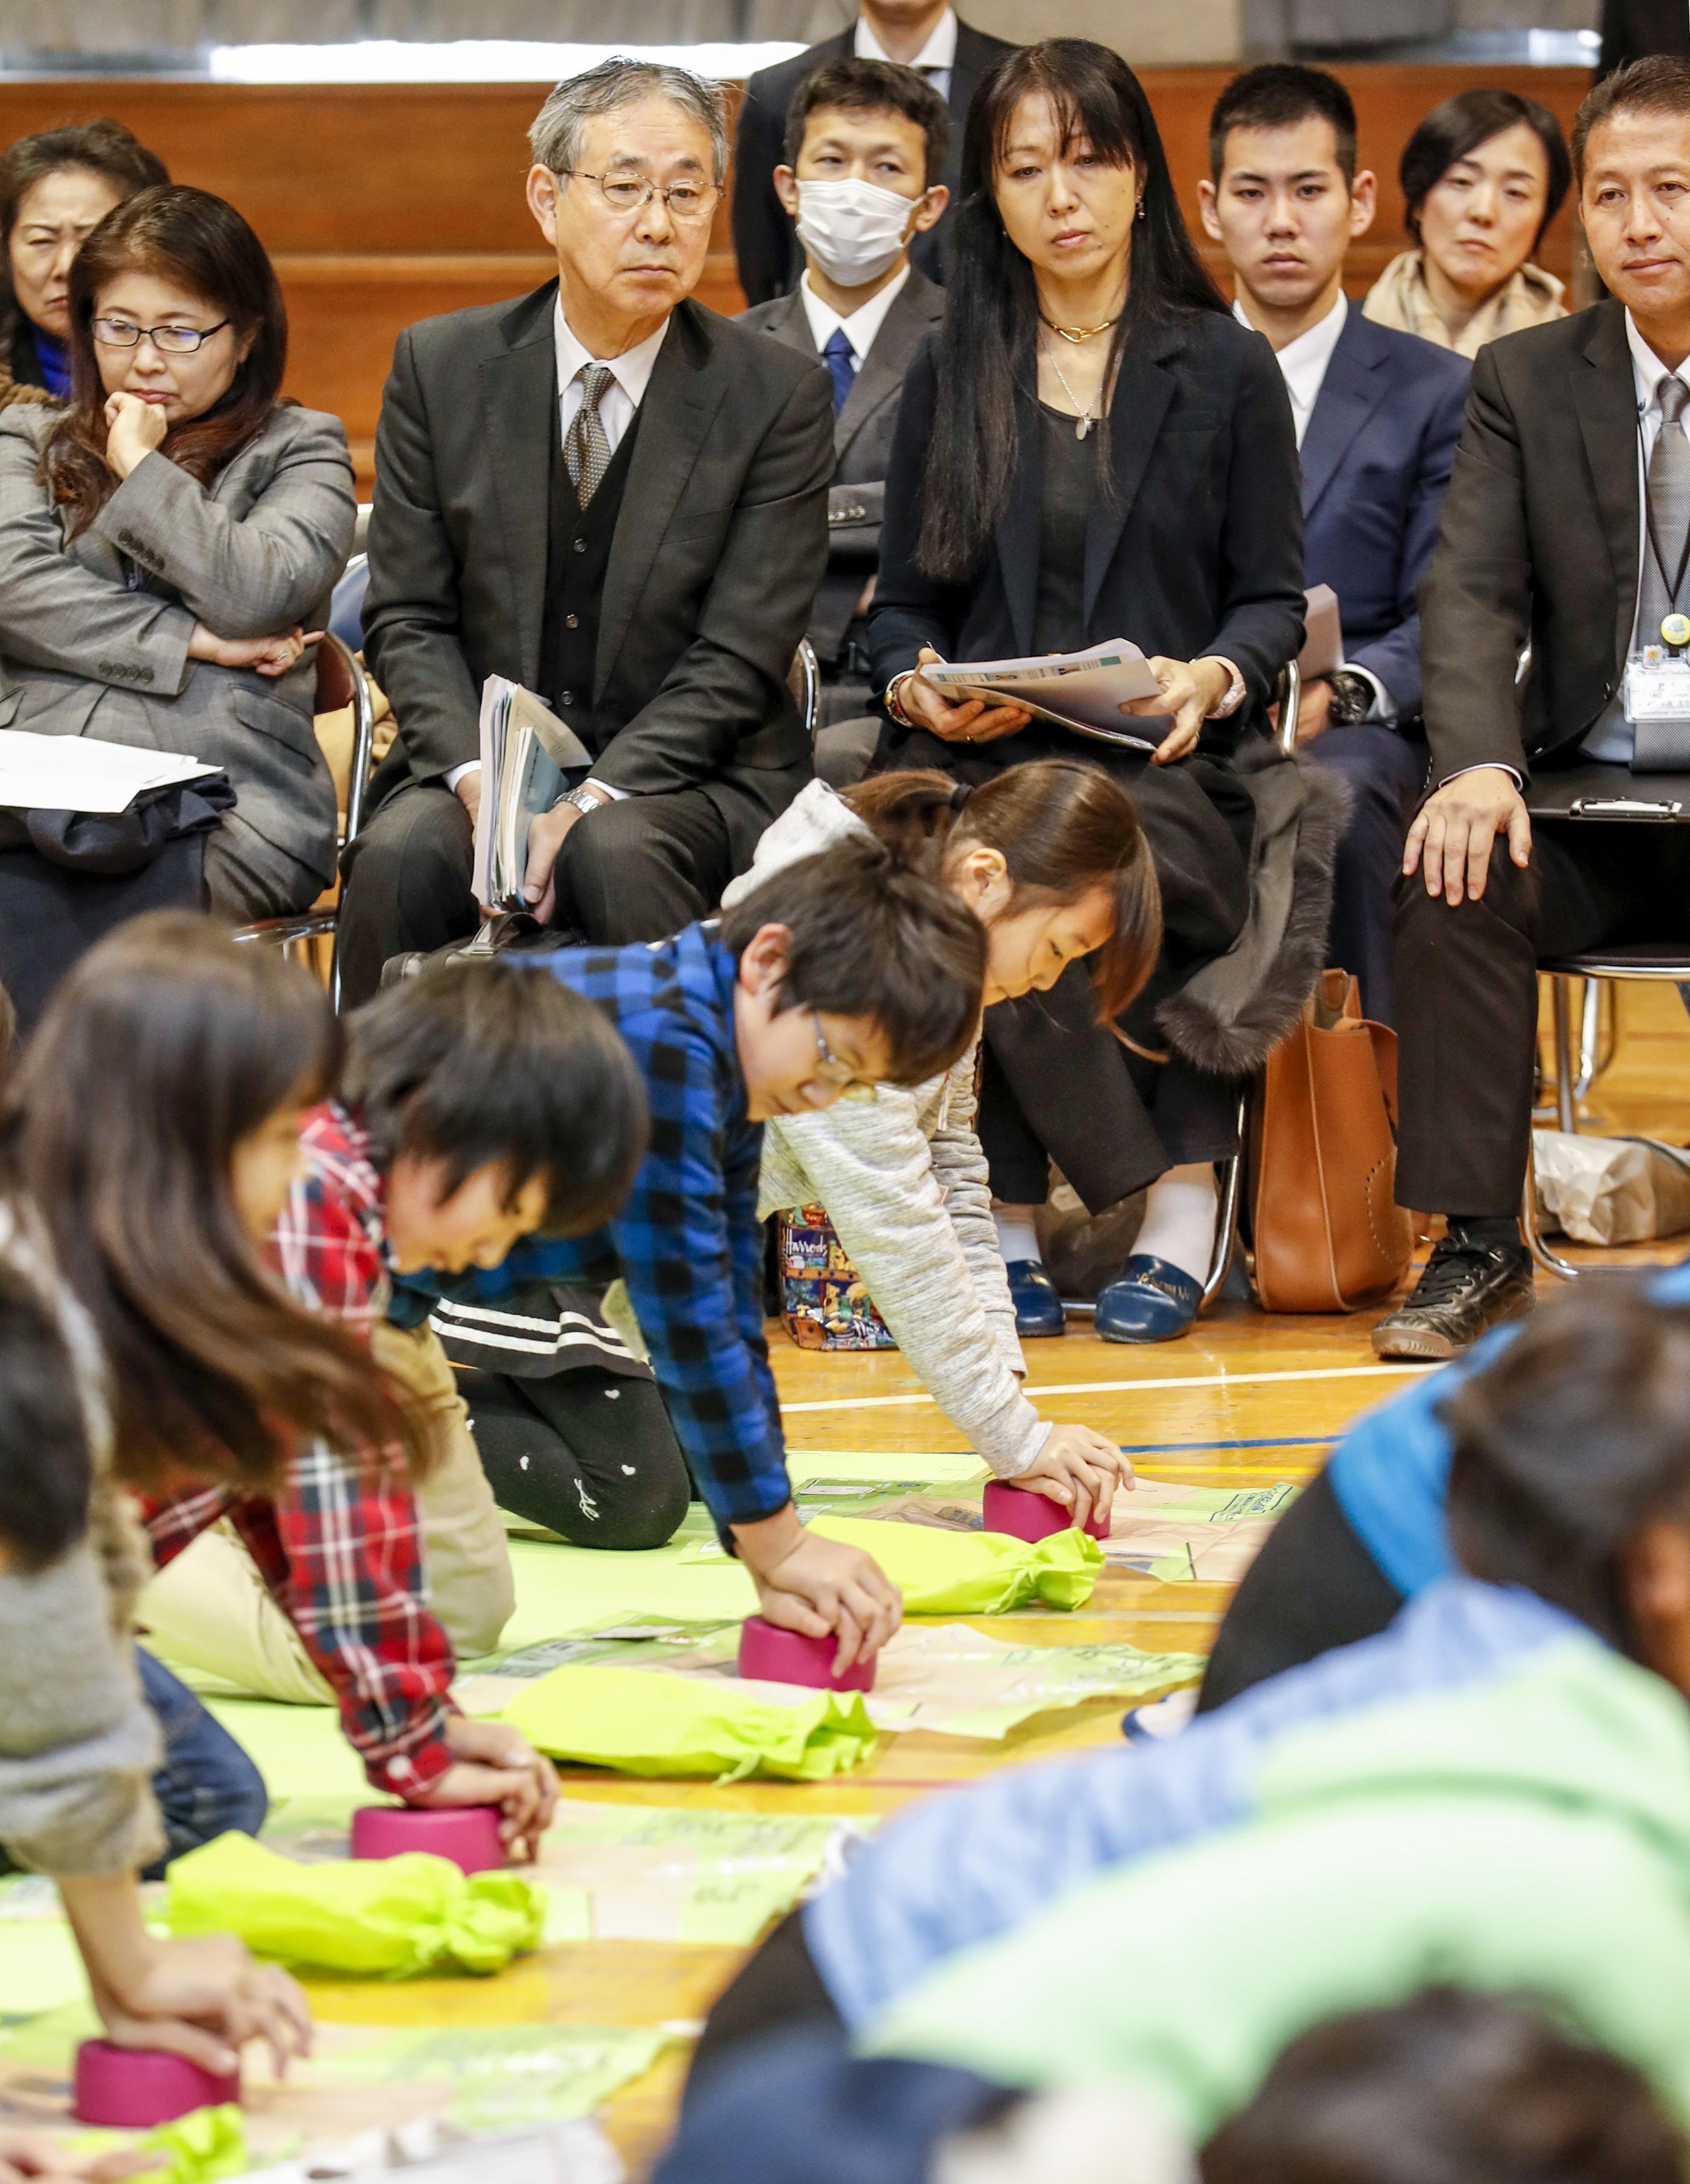 茨城県つくば市の小学校で、救命救急の講習を受ける児童を見守る桐田寿子(中央右)と桐淵博(同左)